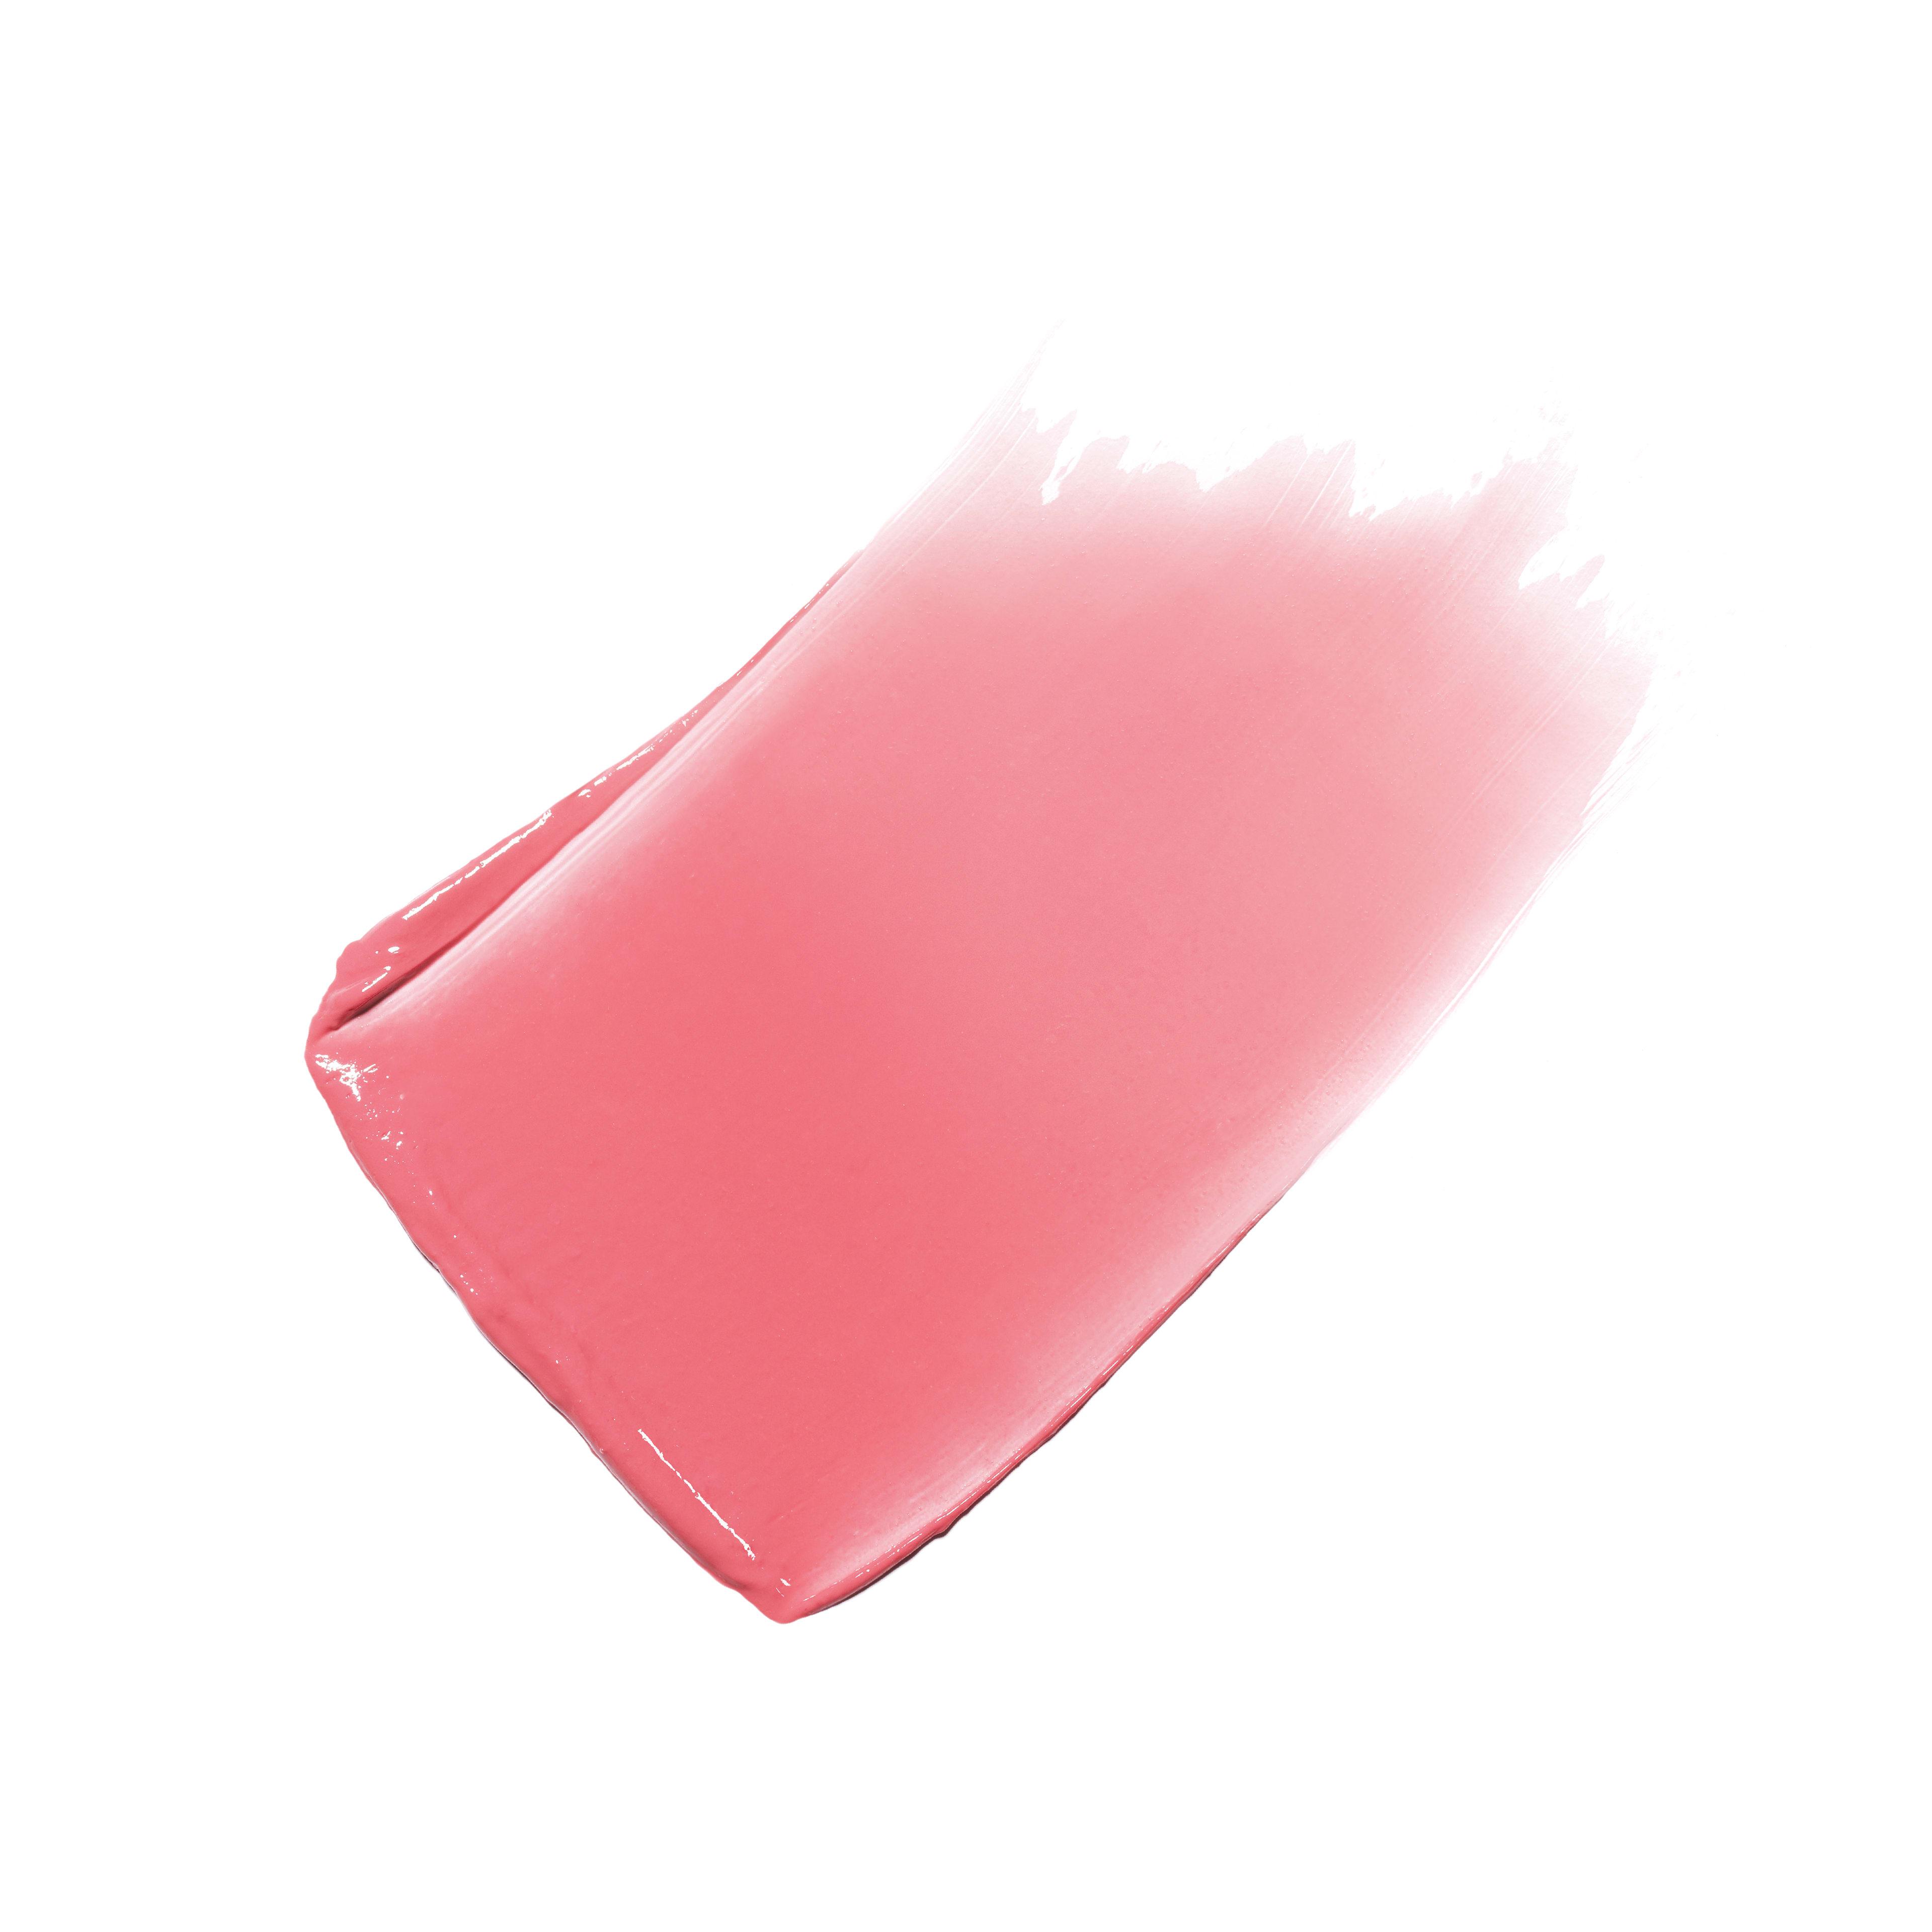 Les Beiges - makeup - 0.1OZ. - Basic texture view